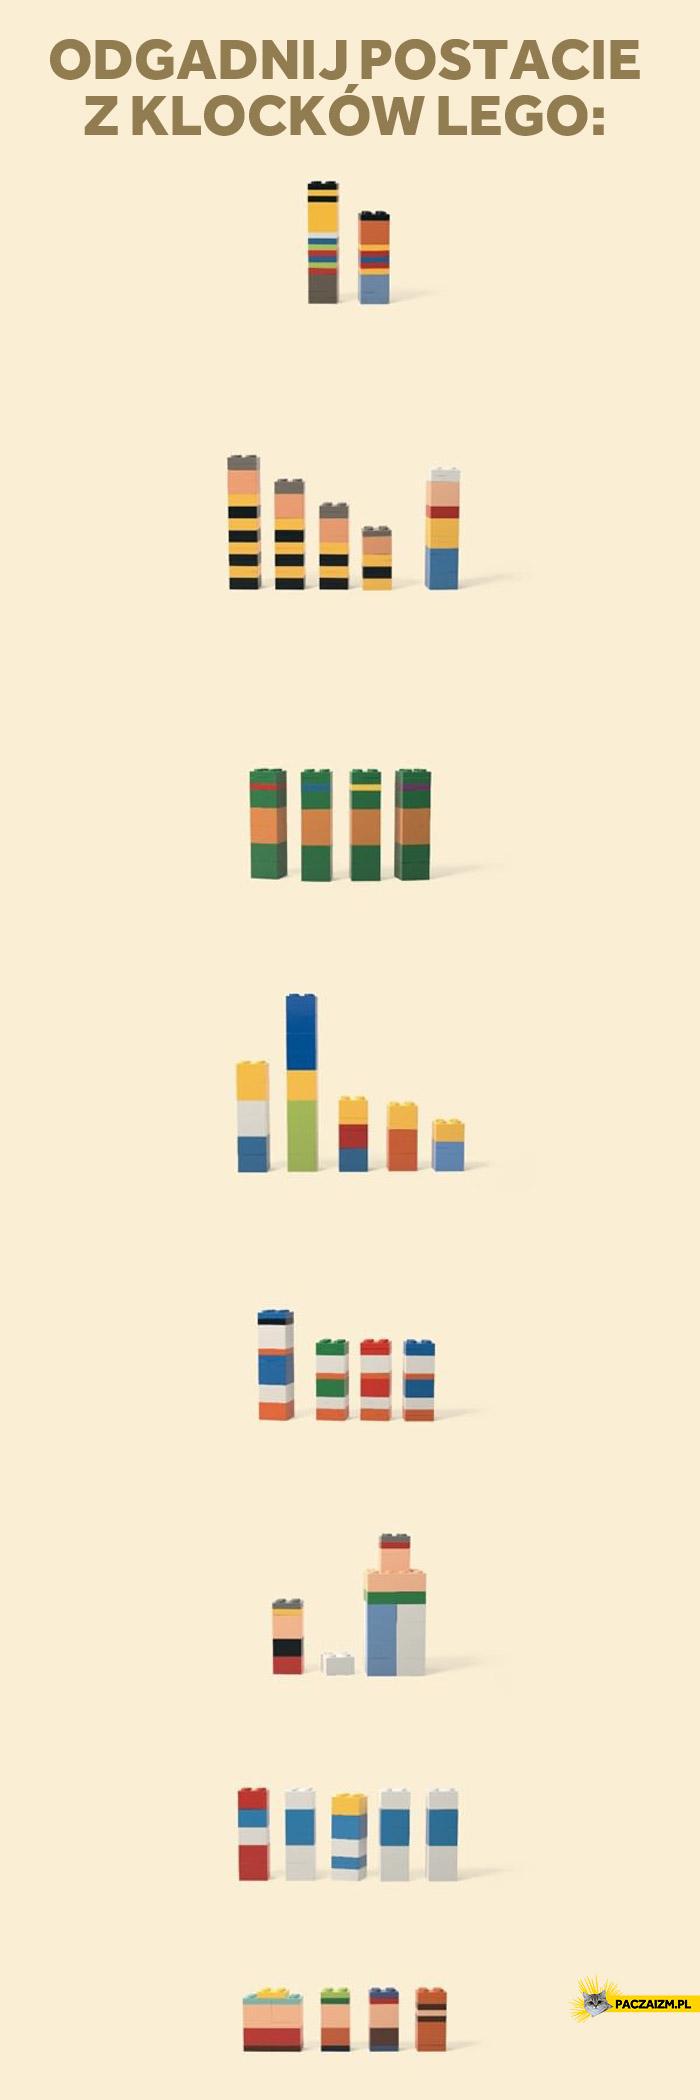 Lego zgadnij kto to